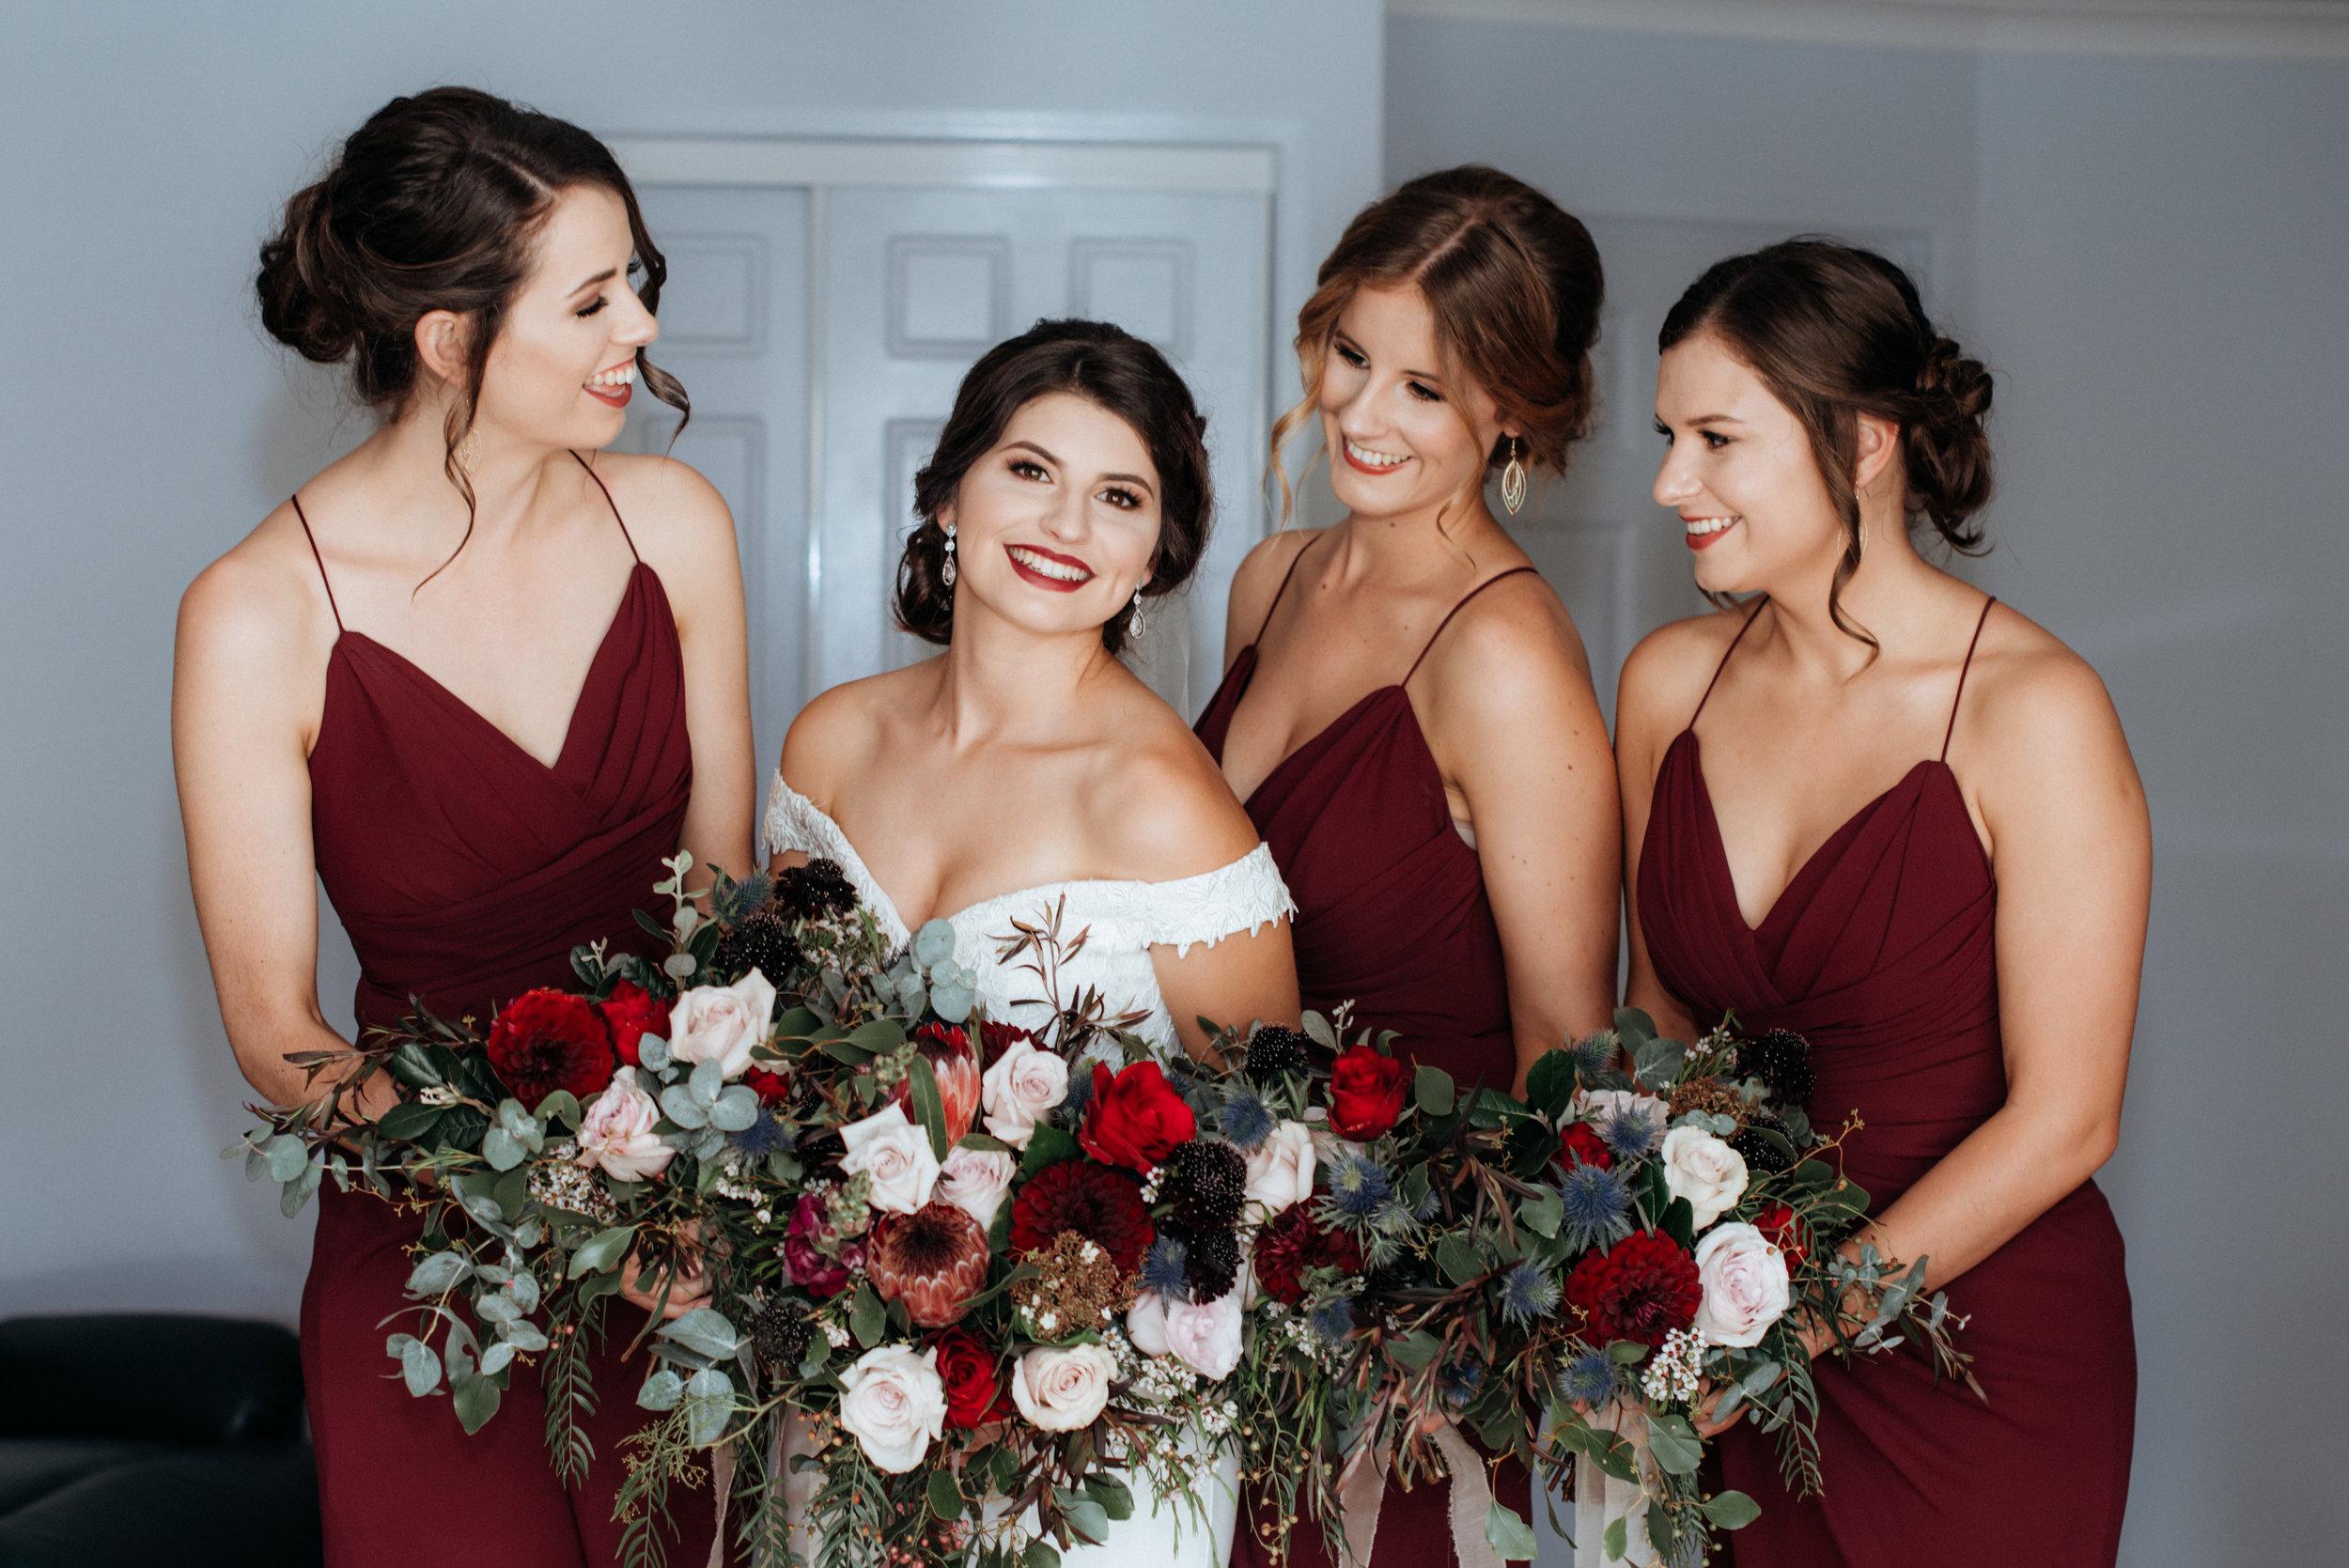 20181110 LOVELENSCAPES PHOTOGRAPHY • V+M • COOROY WEDDING • SUNSHINE COAST WEDDING PHOTOGRAPHER • 1 • 106.jpg